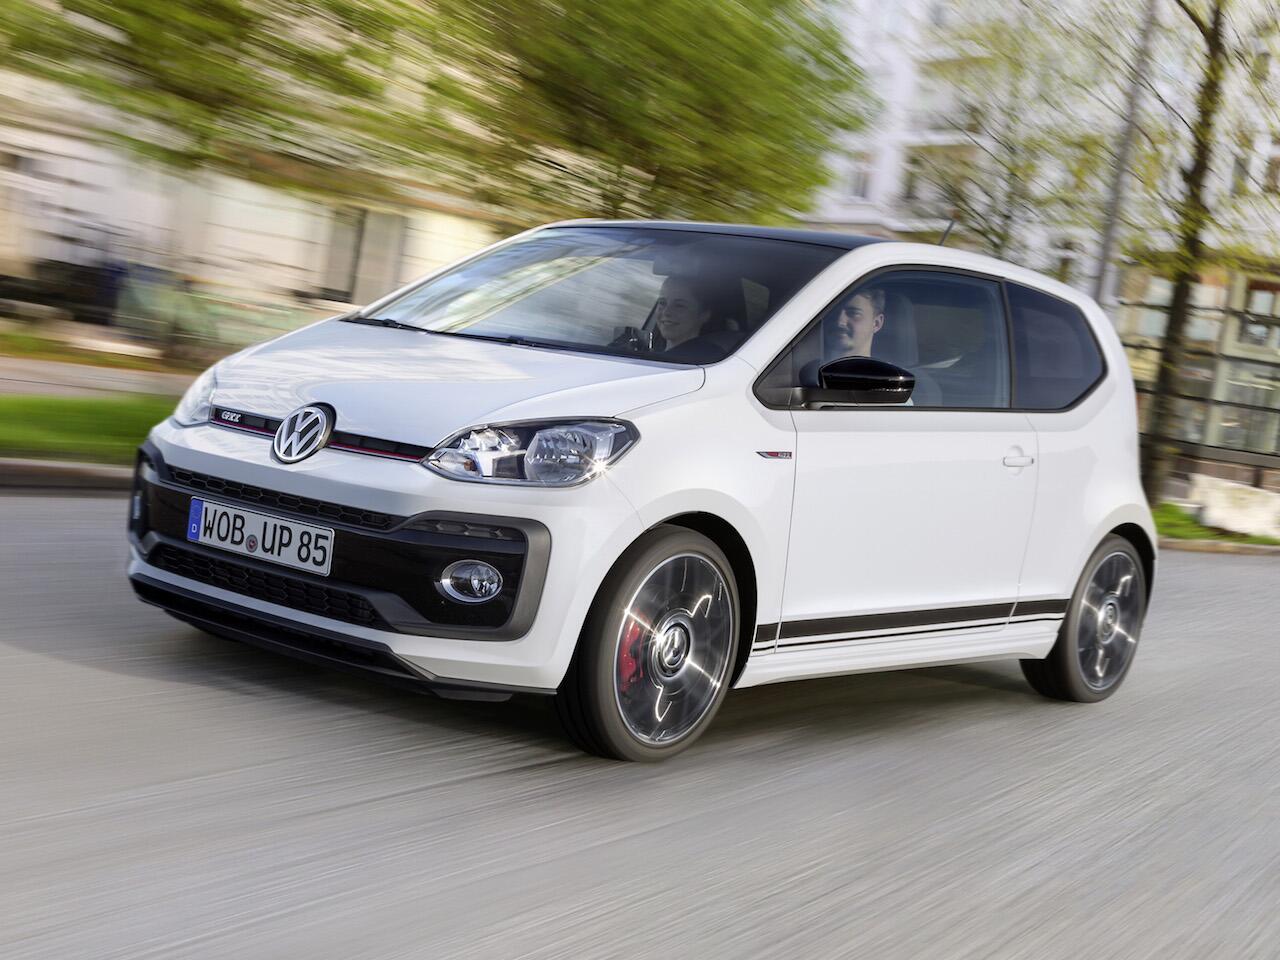 Bild zu Minis: Volkswagen Up!